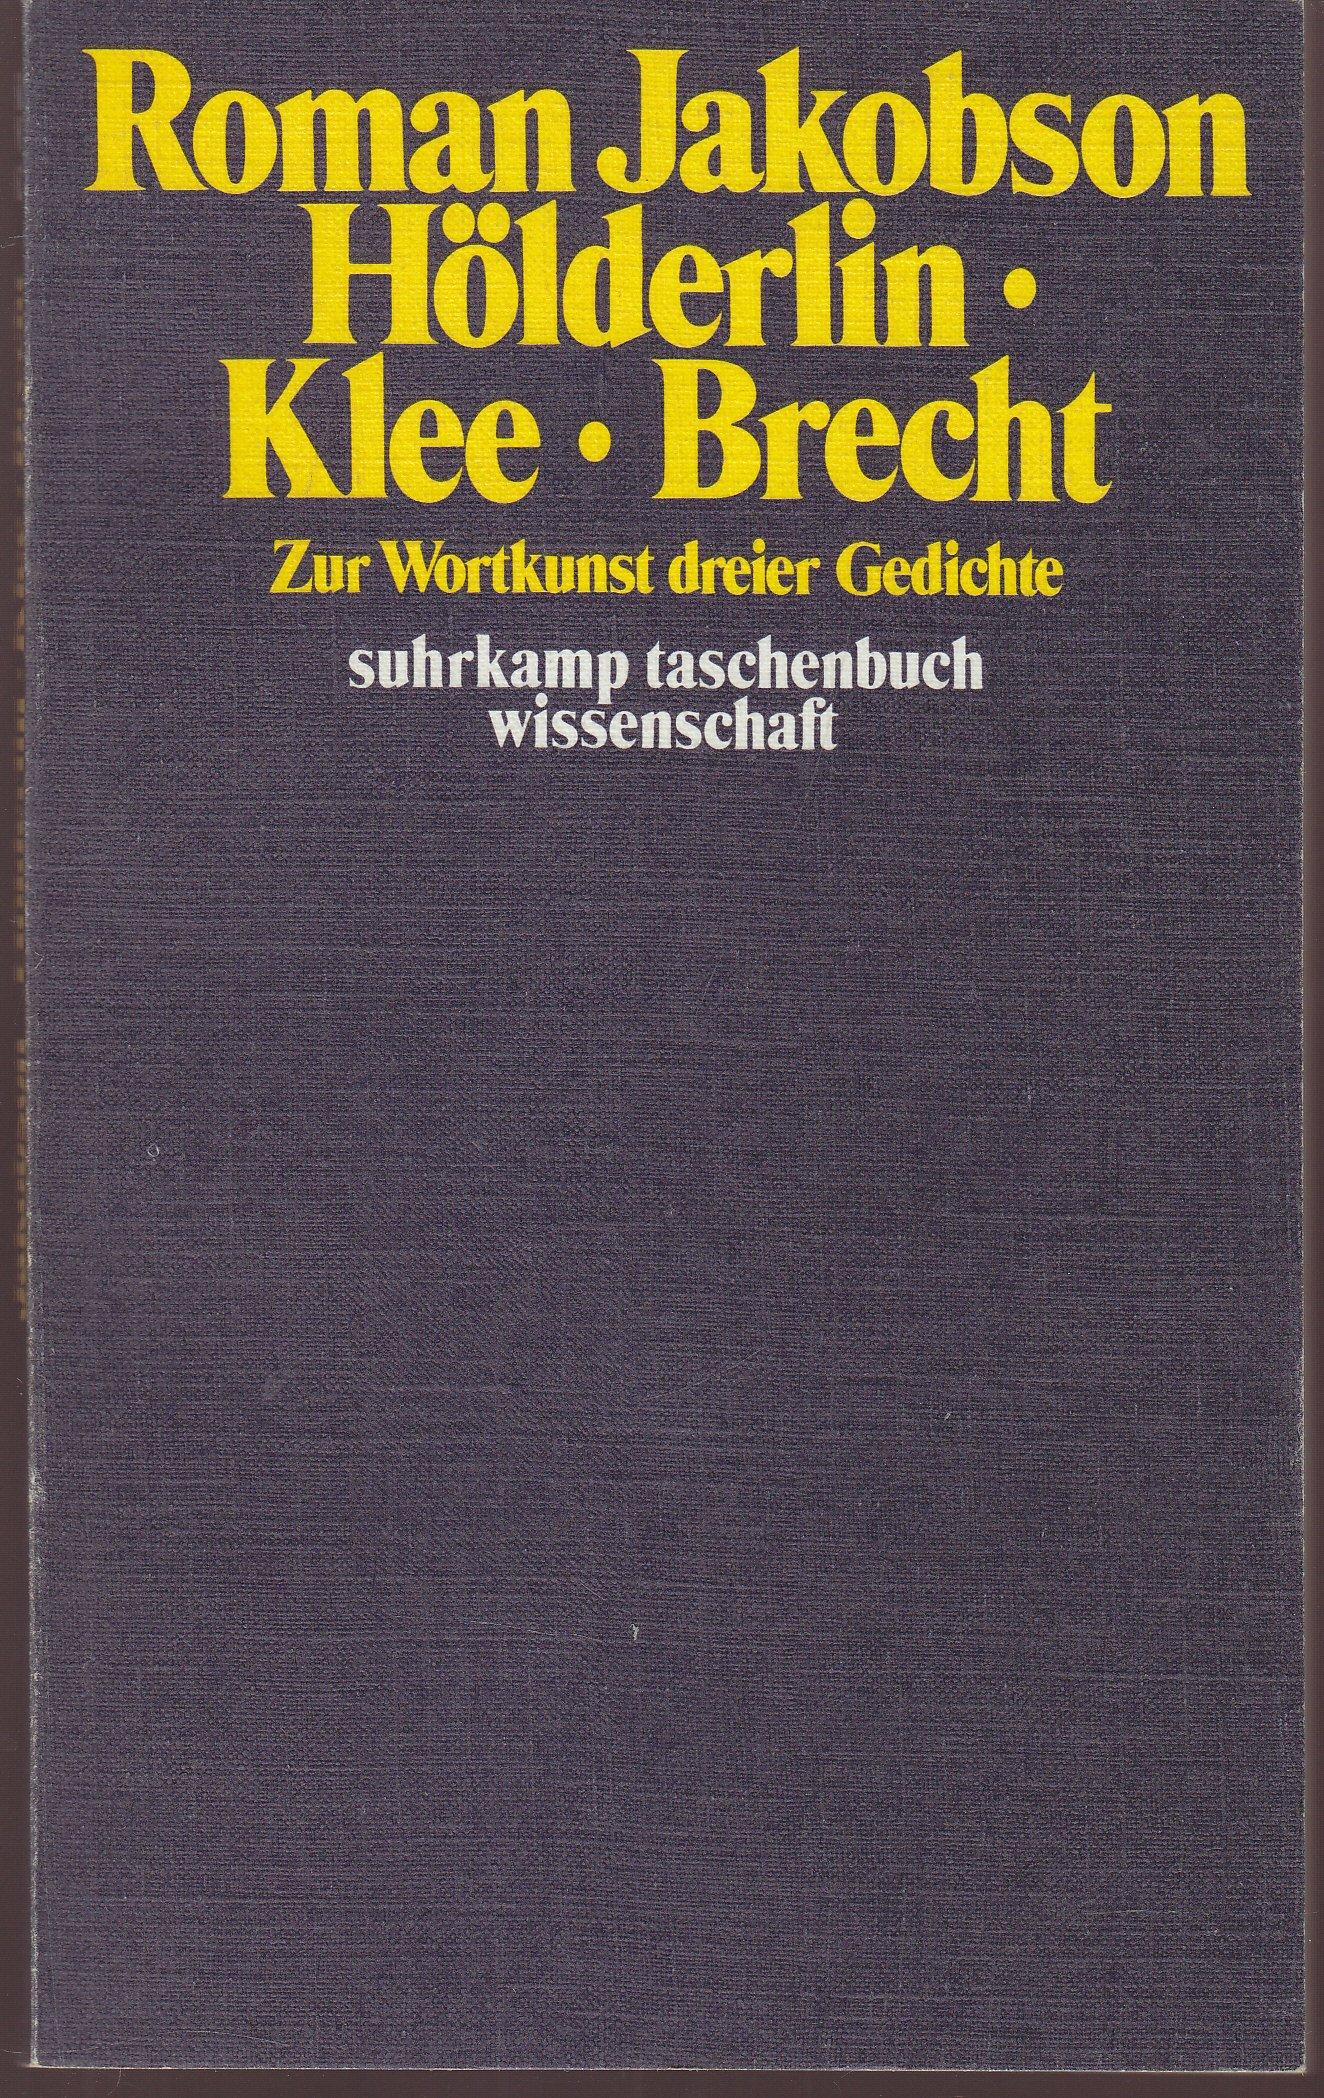 Amazon.de: Roman Jakobson: Bücher, Hörbücher, Bibliografie